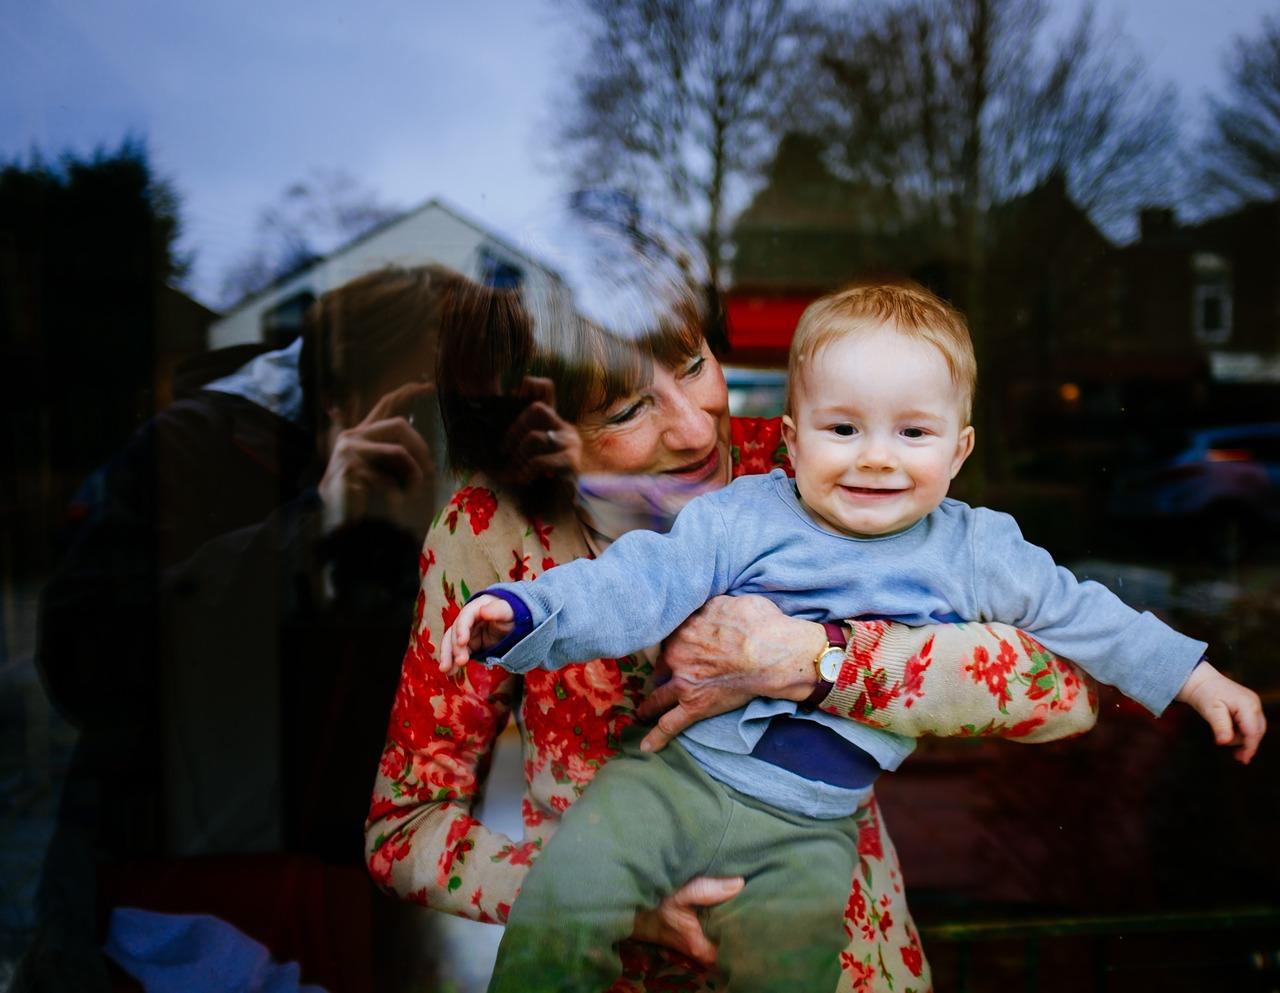 Urlaubsreisen mit Enkelkindern - darauf gilt es zu achten